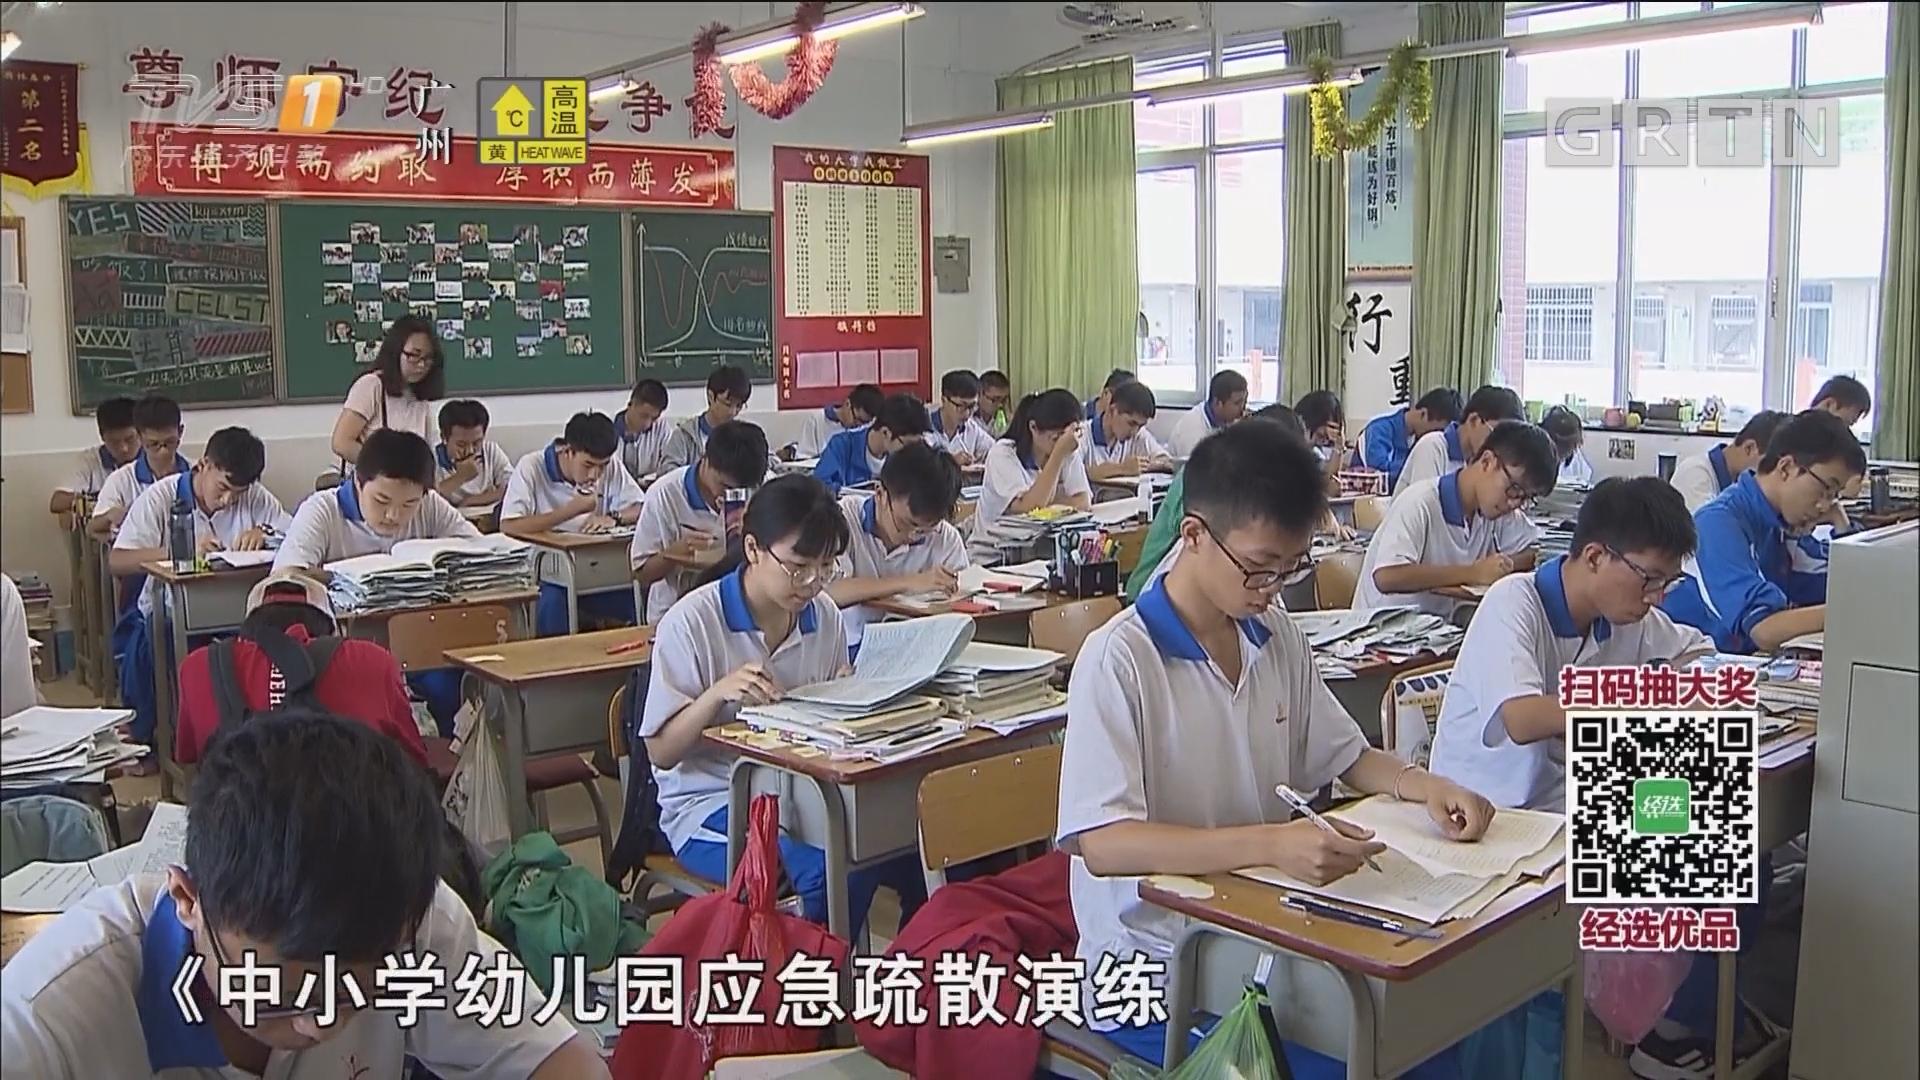 广州:中小学幼儿园应急疏散演练 要求12秒内完成避险动作